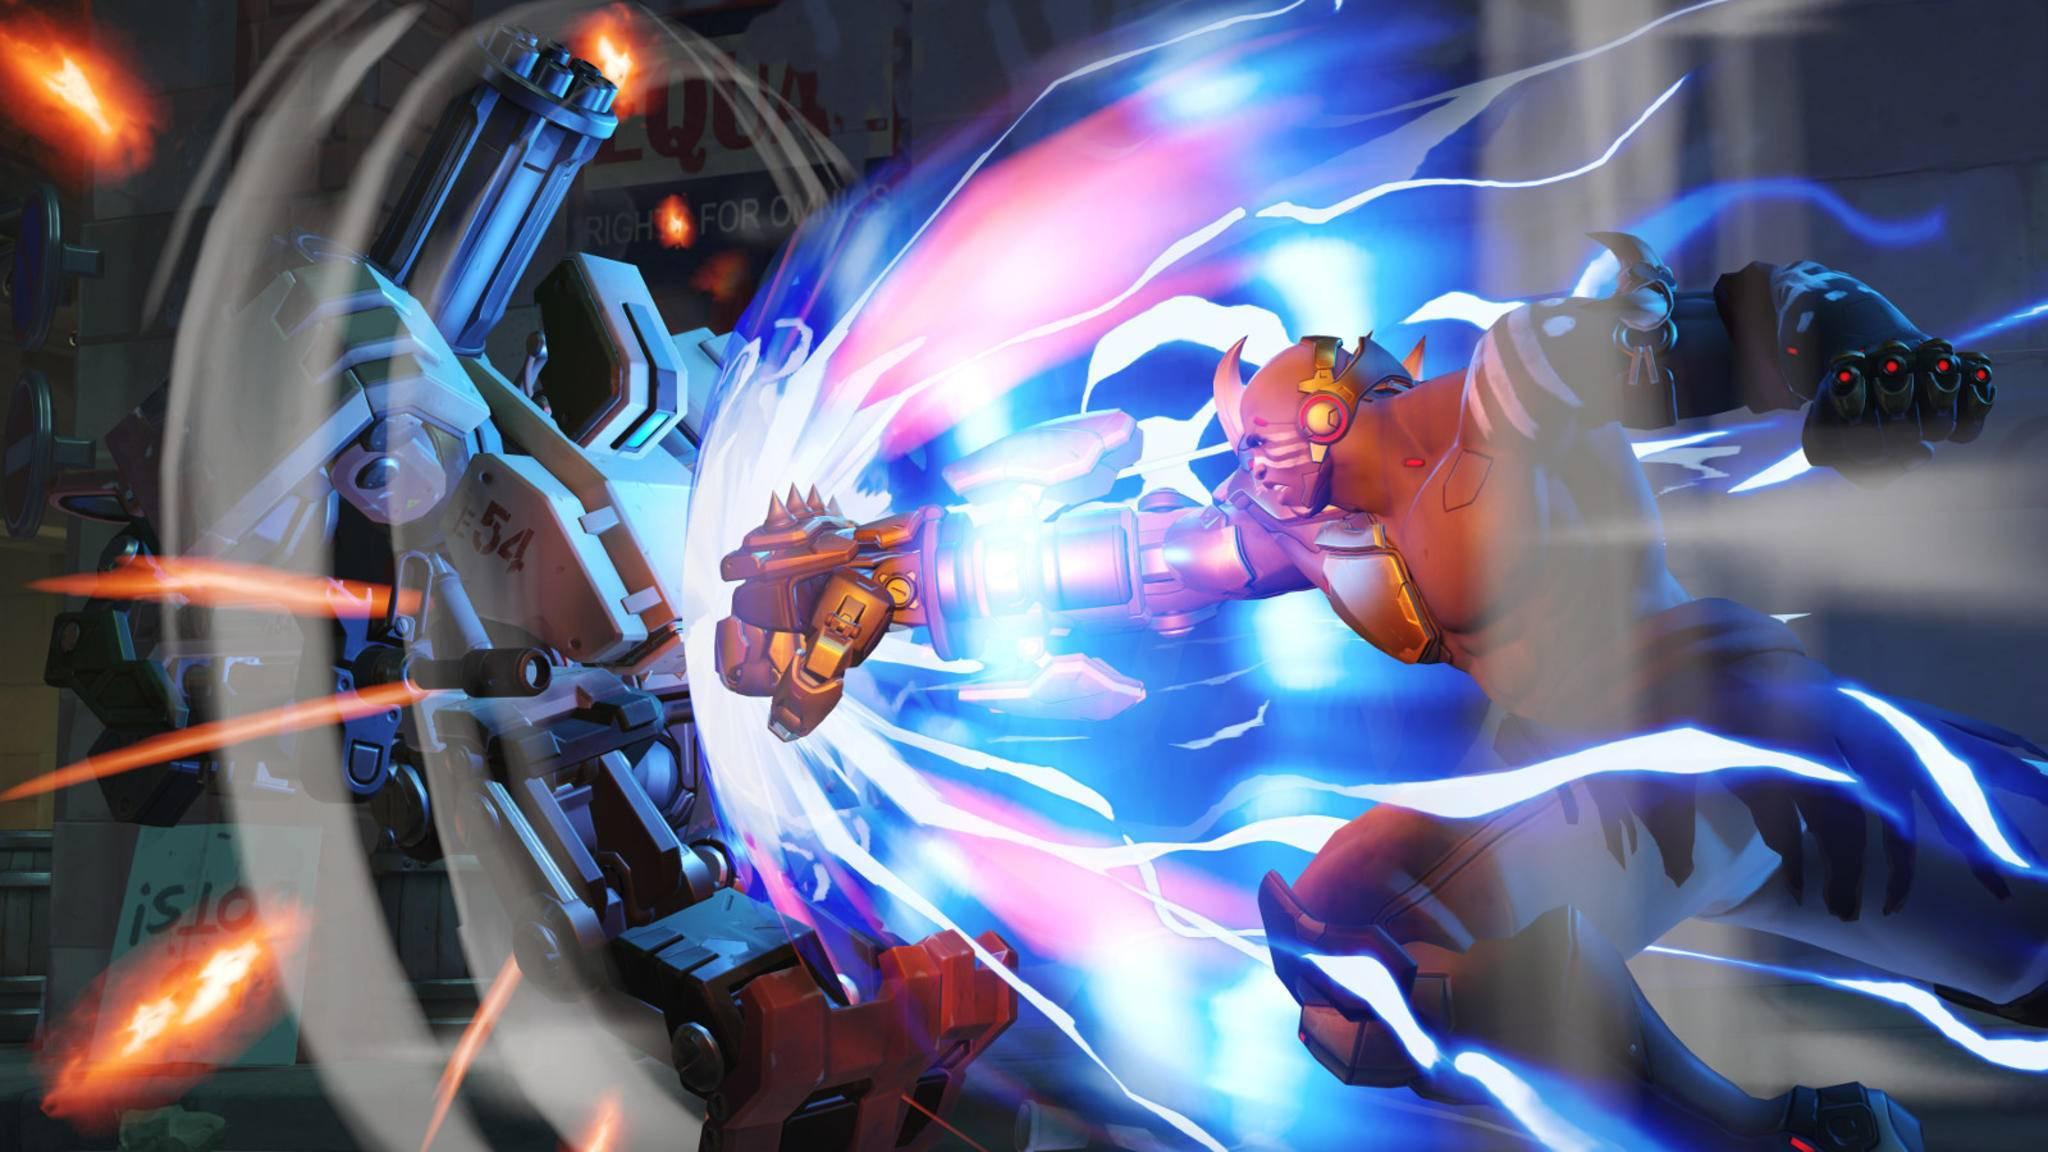 Auch Neuzugang Doomfist wird bei der Gamescom 2017 einen großen Auftritt bekommen.